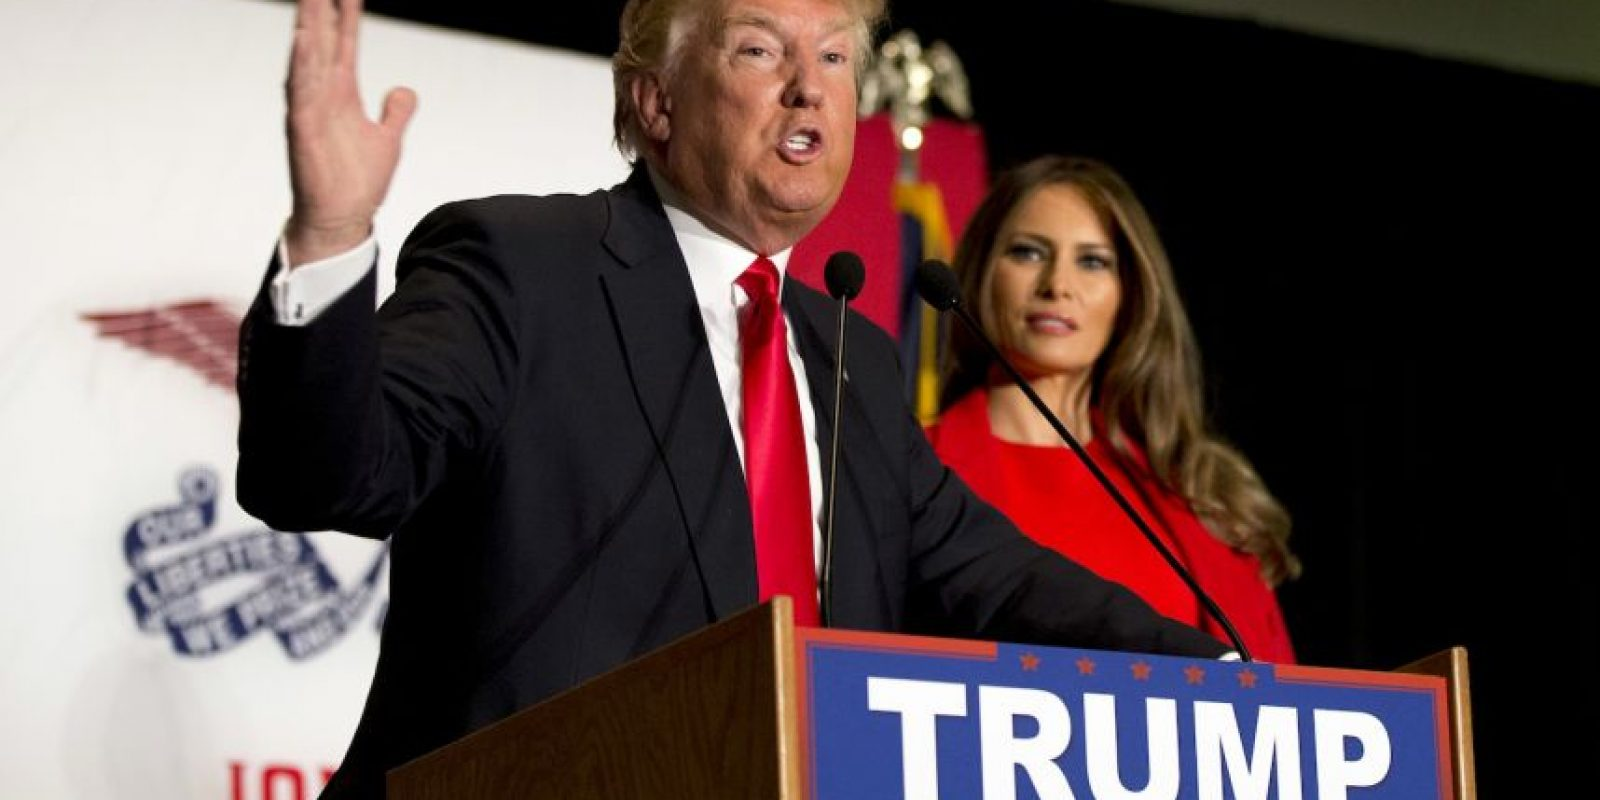 Los aspirantes demócratas y republicanos se afanaban hoy por convencer a los indecisos de apoyarles en las asambleas populares. Foto:AP